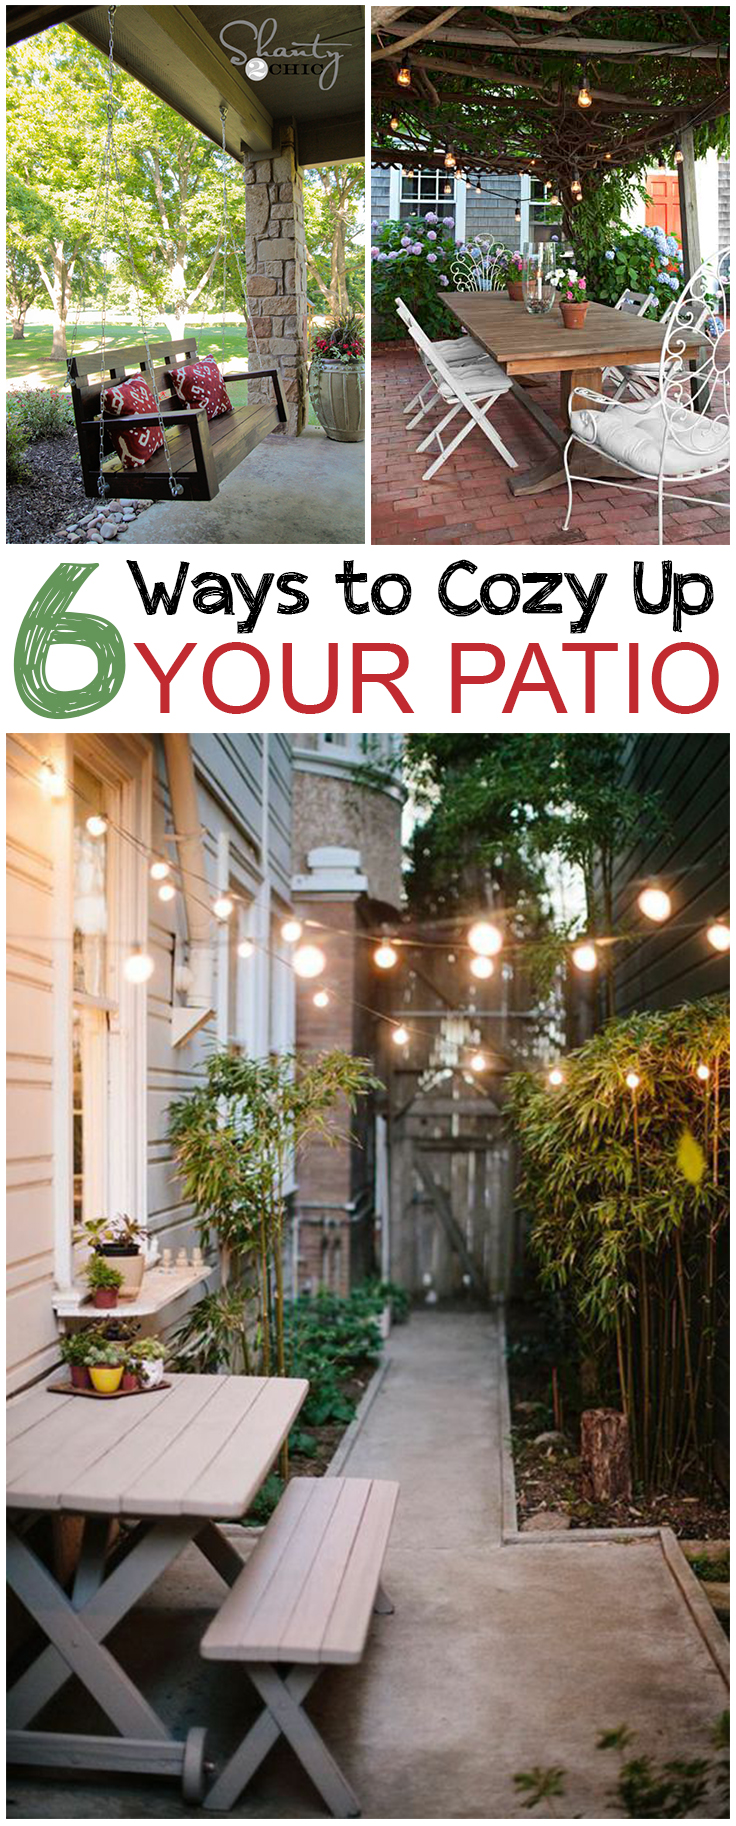 6 Ways to Cozy Up Your Patio • Picky Stitch on Cozy Patio Ideas id=47596